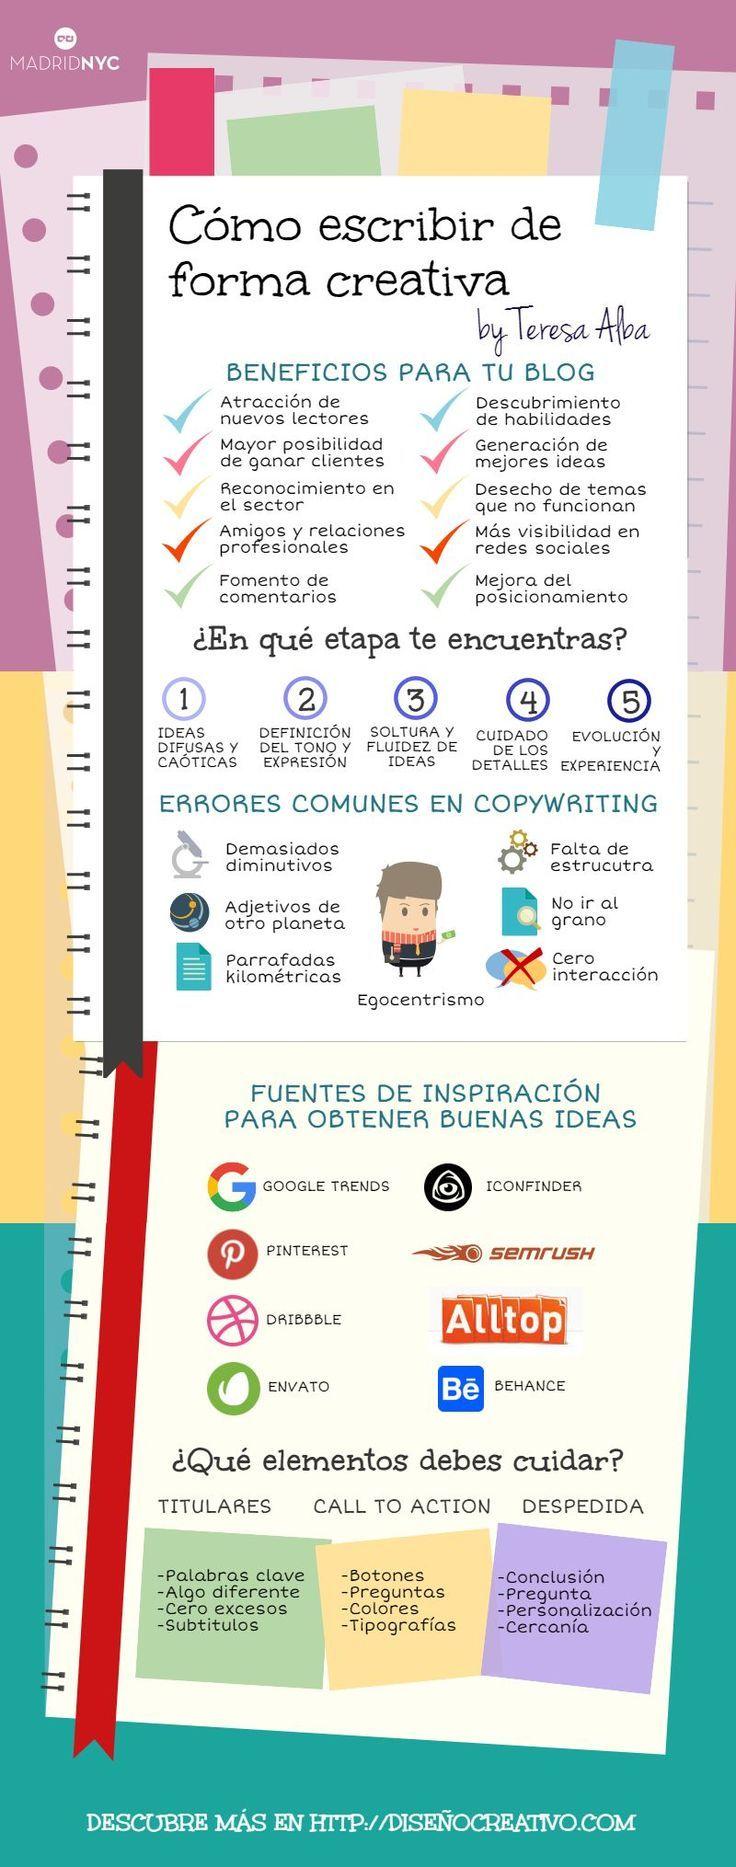 Escribir contenidos creativos, originales y de calidad es sumamente beneficioso para nuestro blog. Esta infografía nos da detalles y distintos consejos.